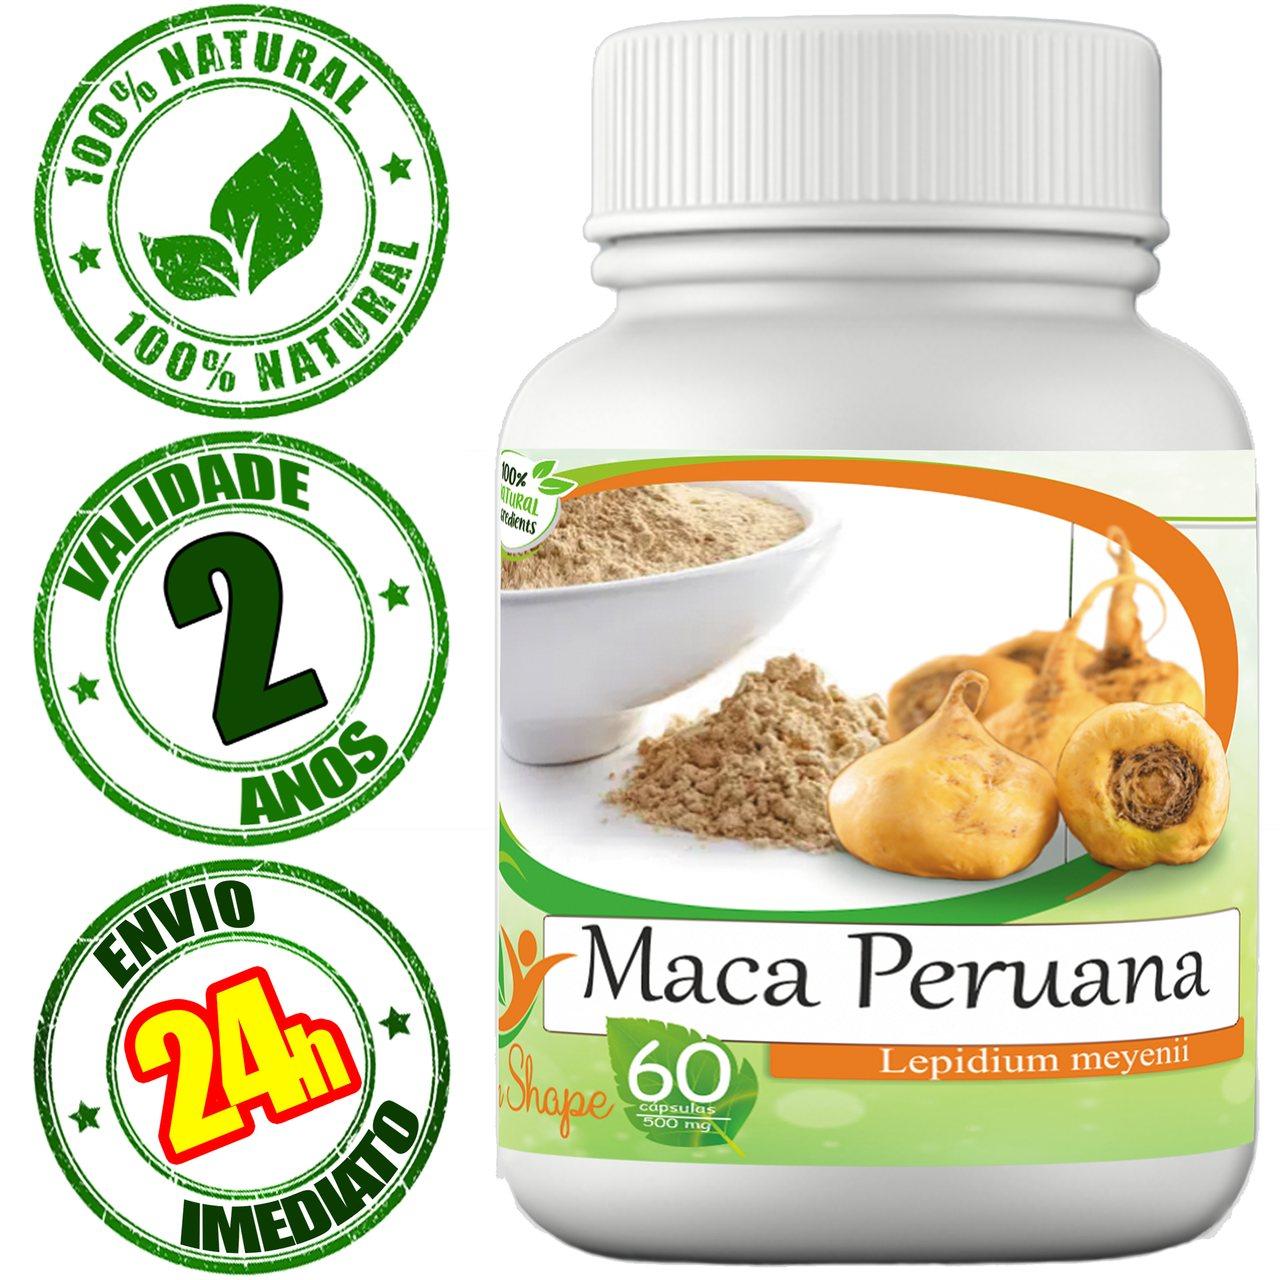 12 frascos de Maca Peruana 60 cápsulas cada frasco